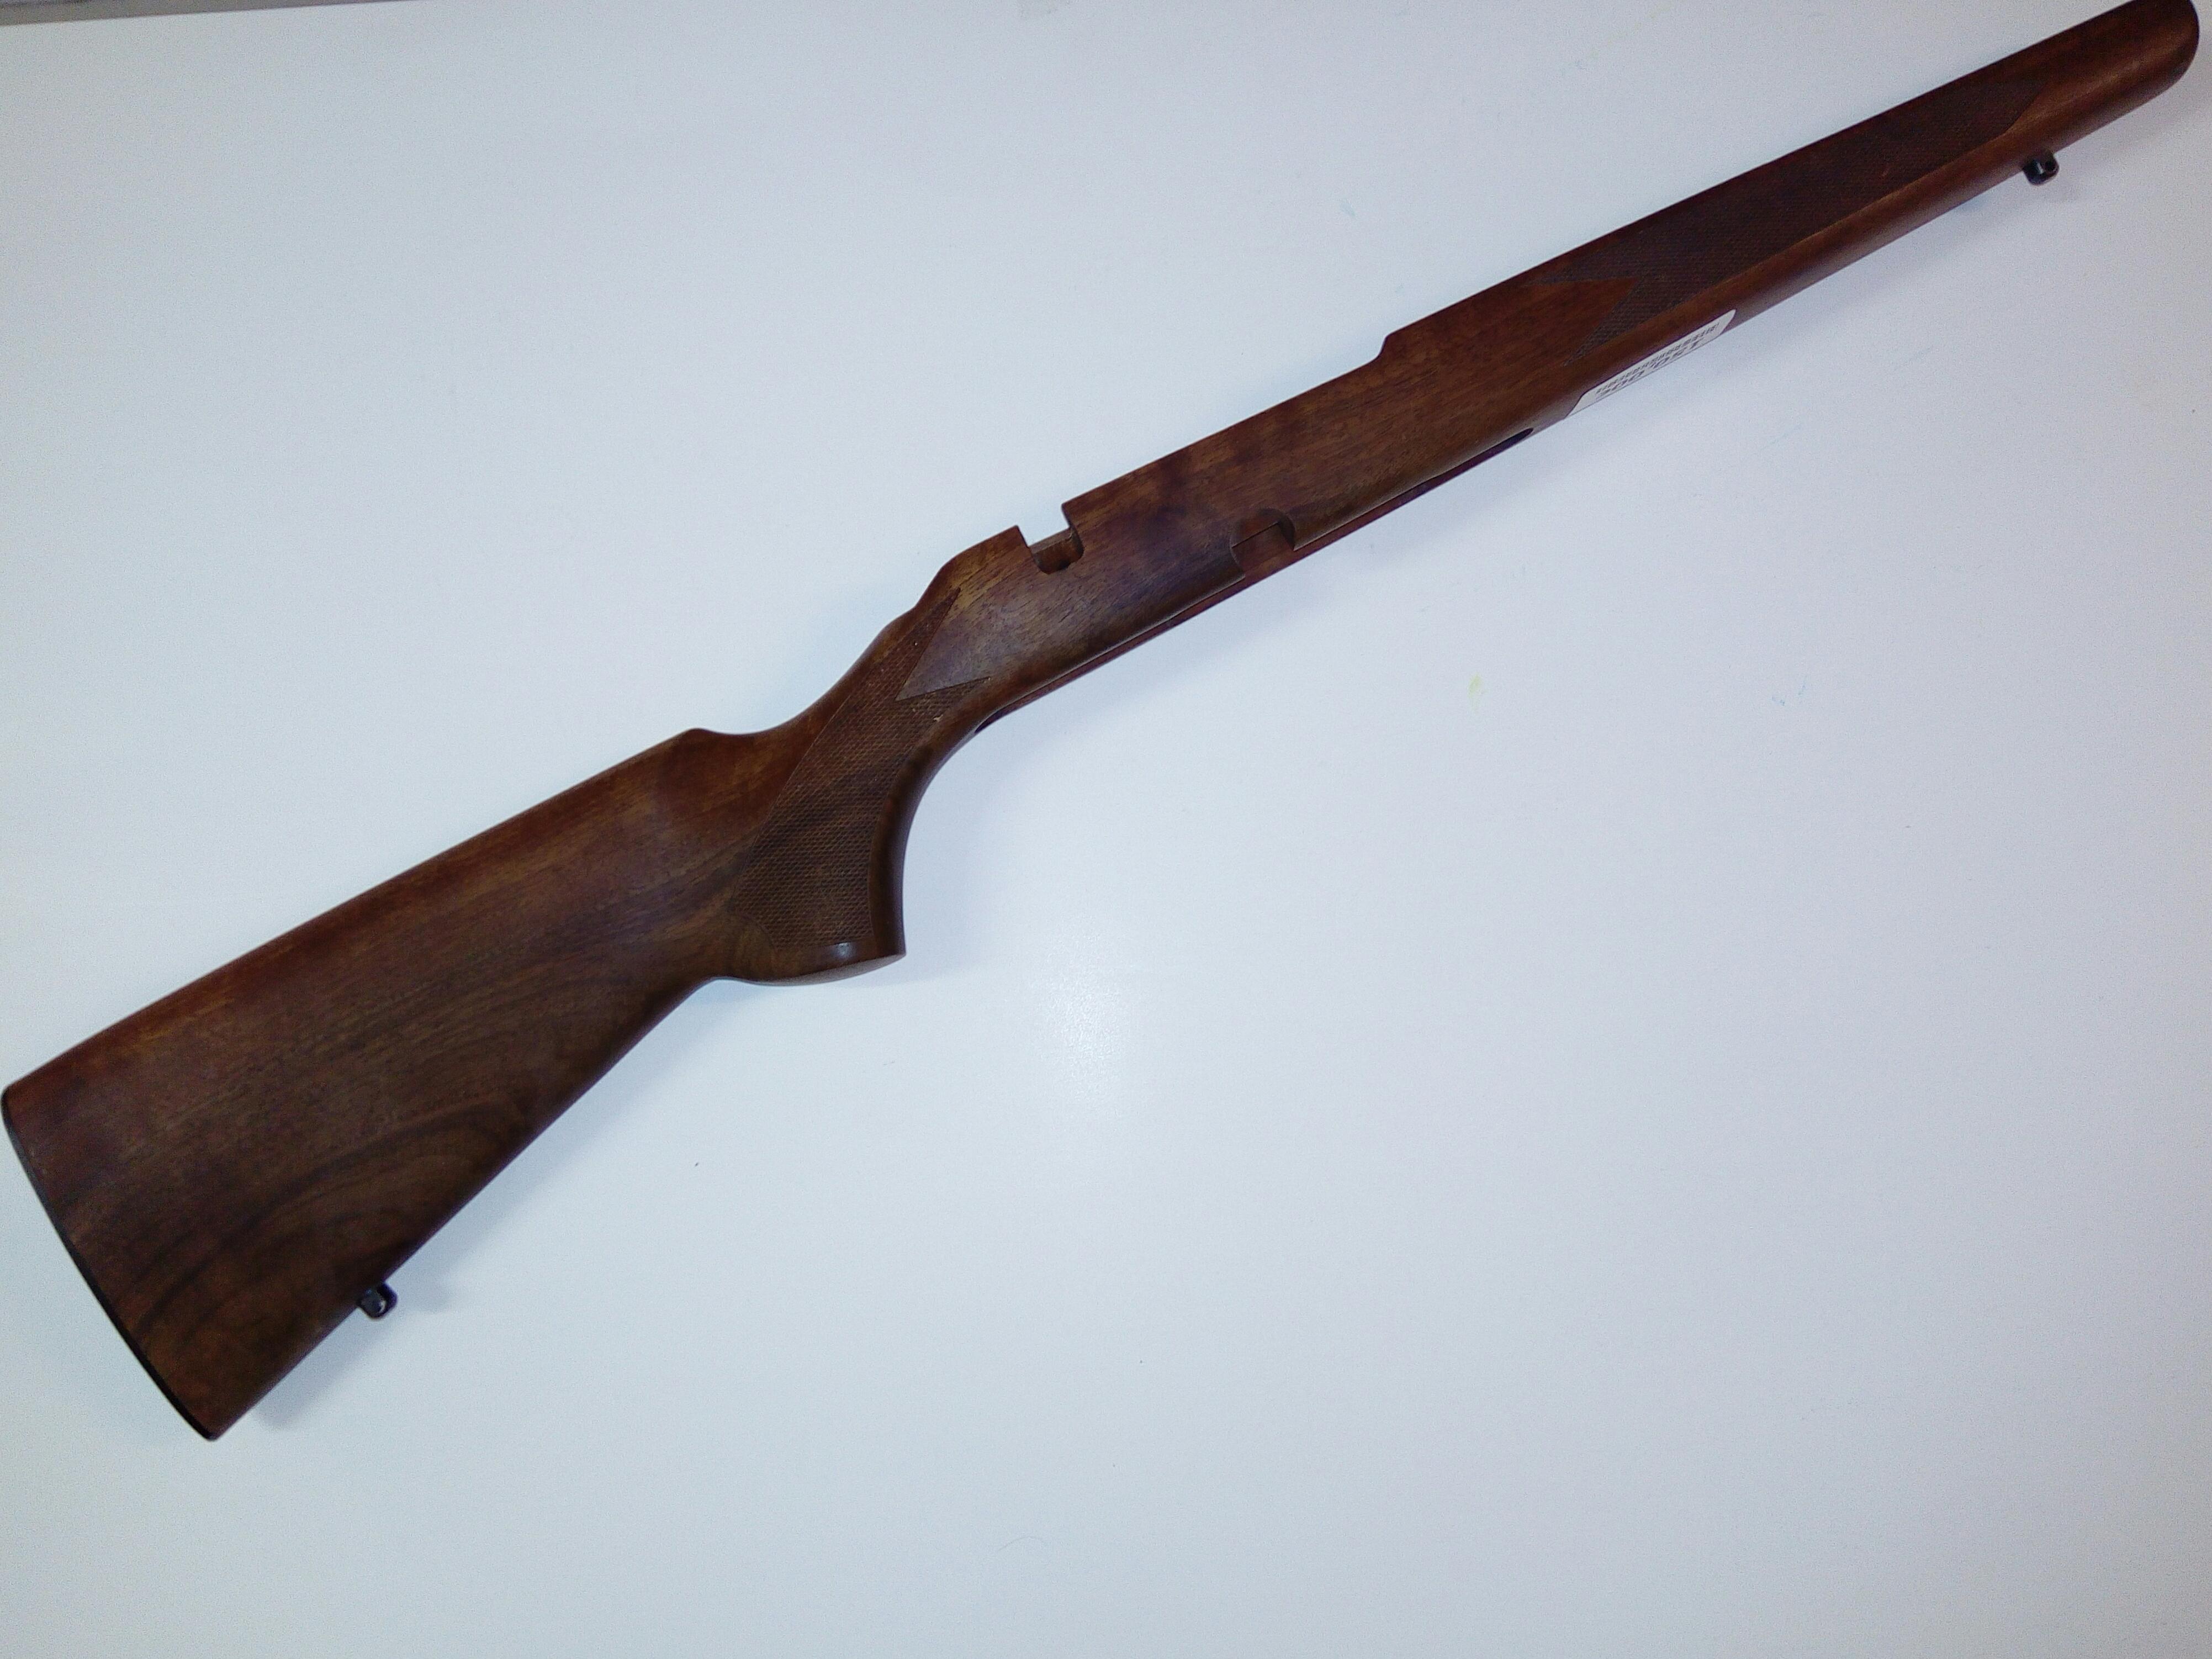 Tikka M 690 metsästysmallin tukki käytetty uutta vastaava